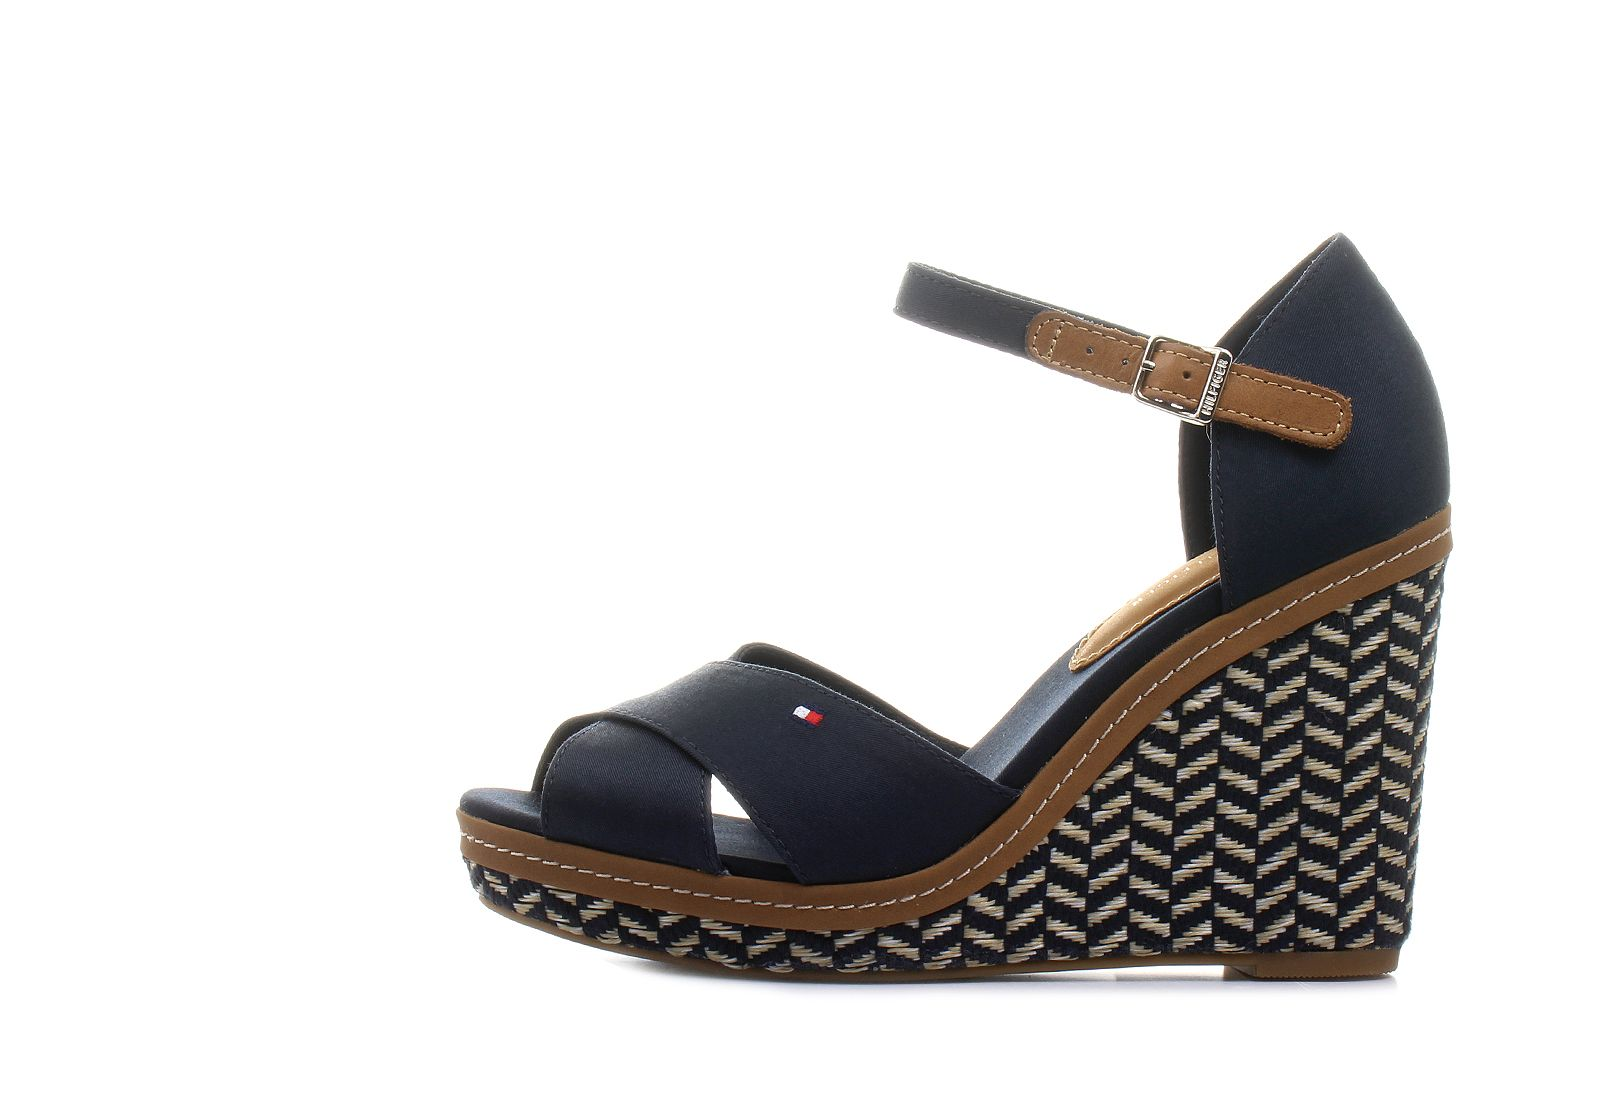 tommy hilfiger high heels elena 43d 17s 0298 403. Black Bedroom Furniture Sets. Home Design Ideas